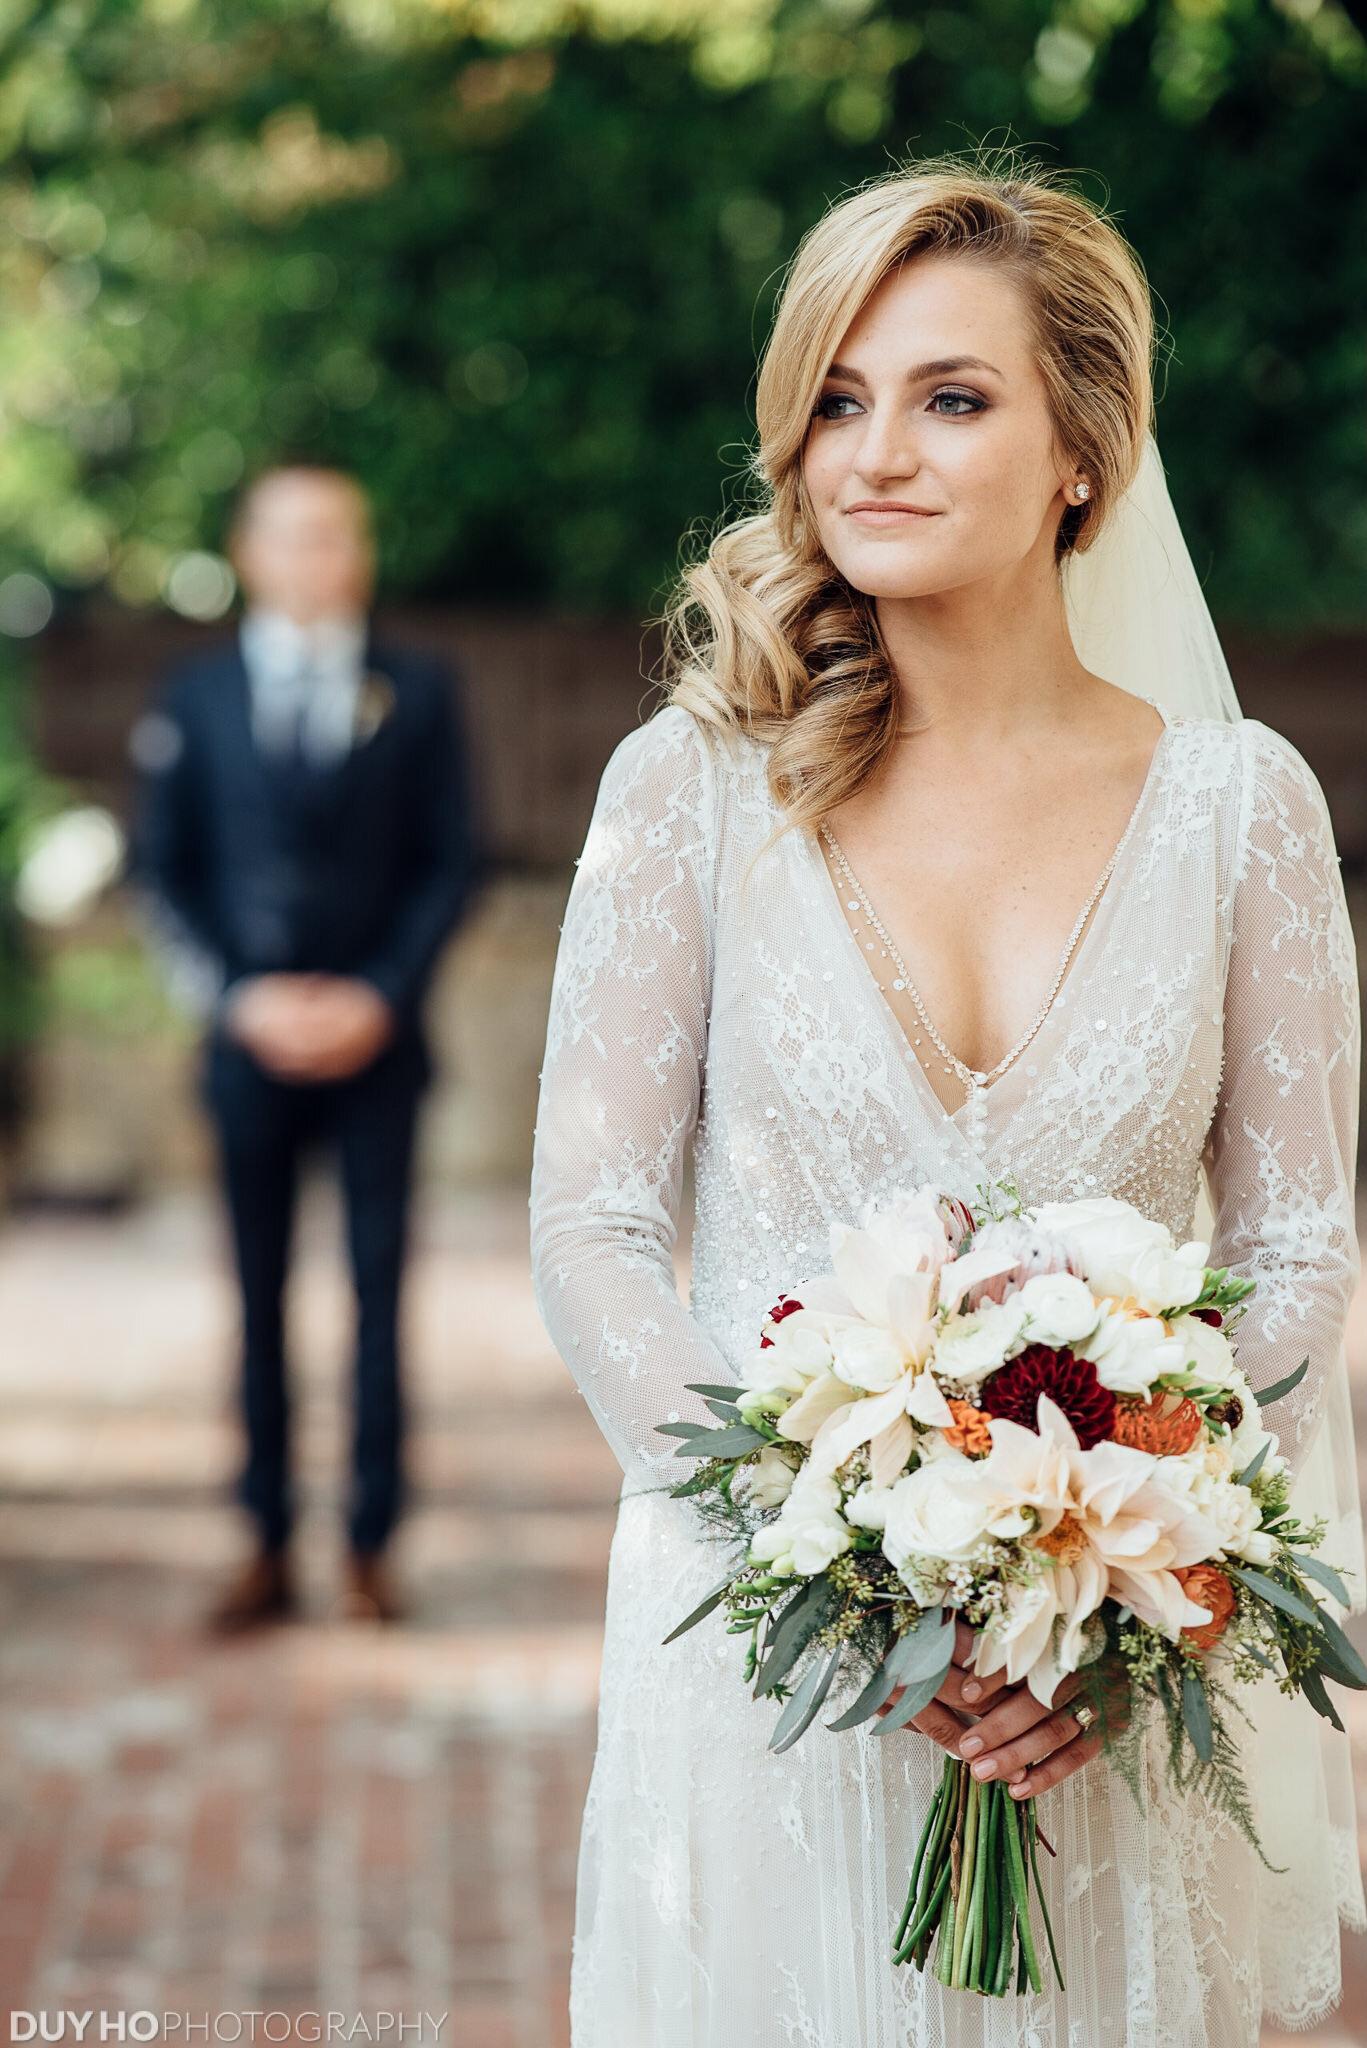 4 Best Makeup Artist Wedding Photography.jpg